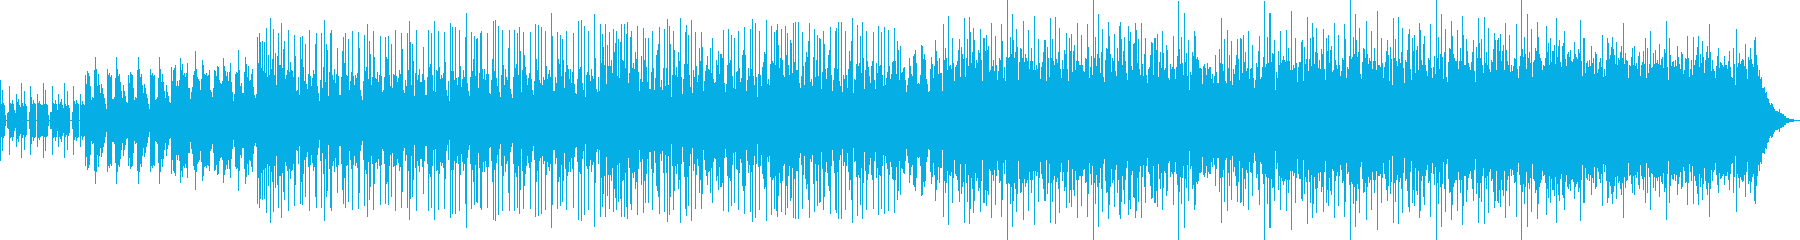 少しパーカッシブなbreakbeats.の再生済みの波形